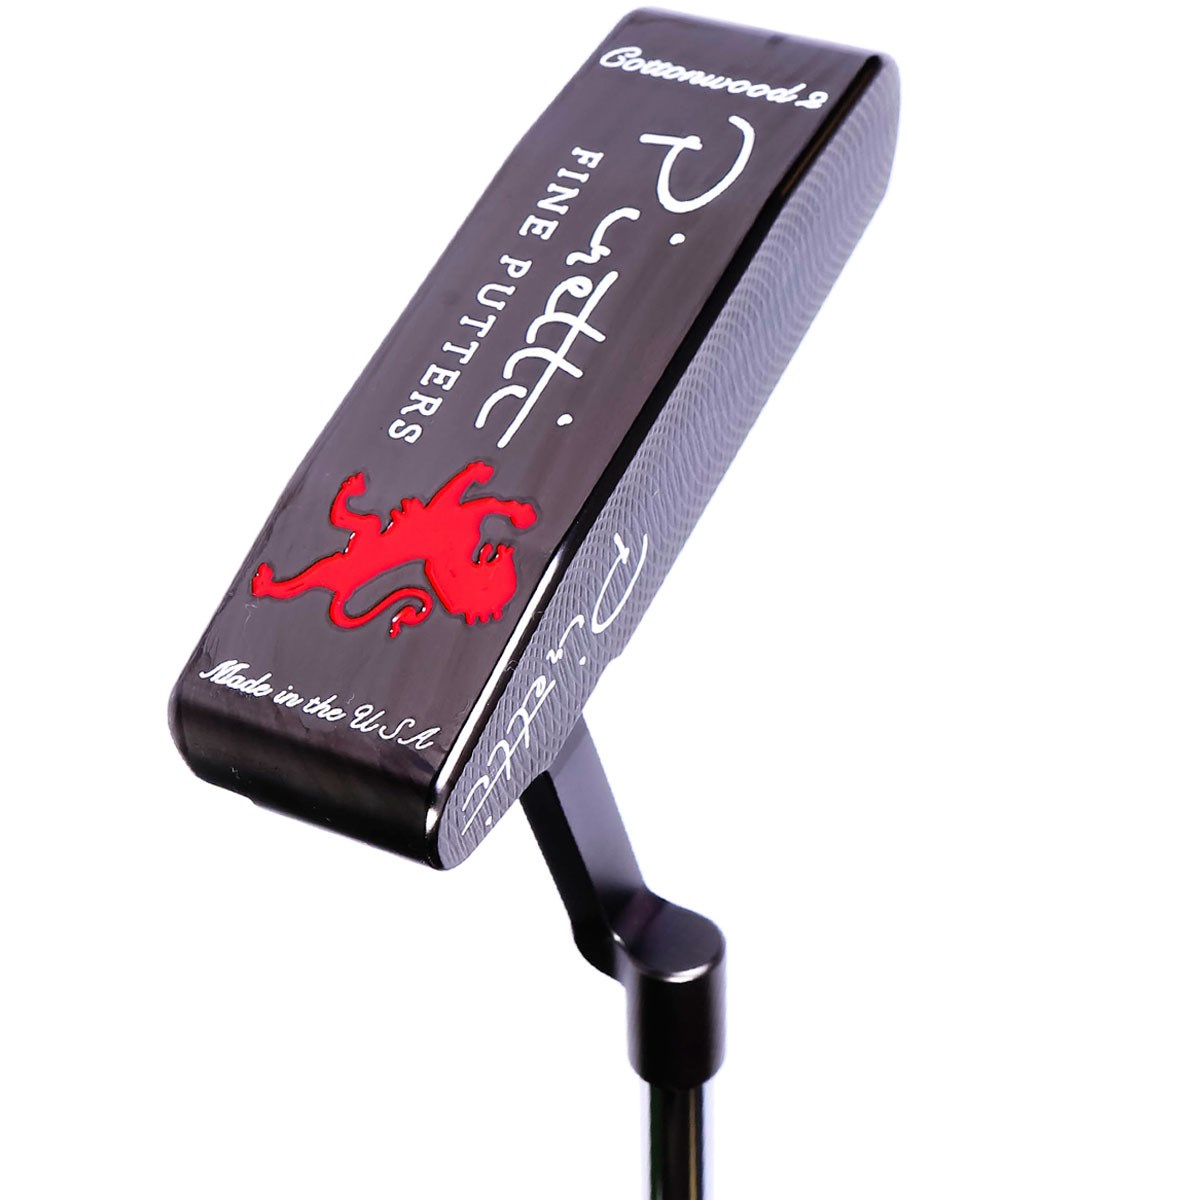 ピレッティ コットンウッドII Black Onyx 375 パター